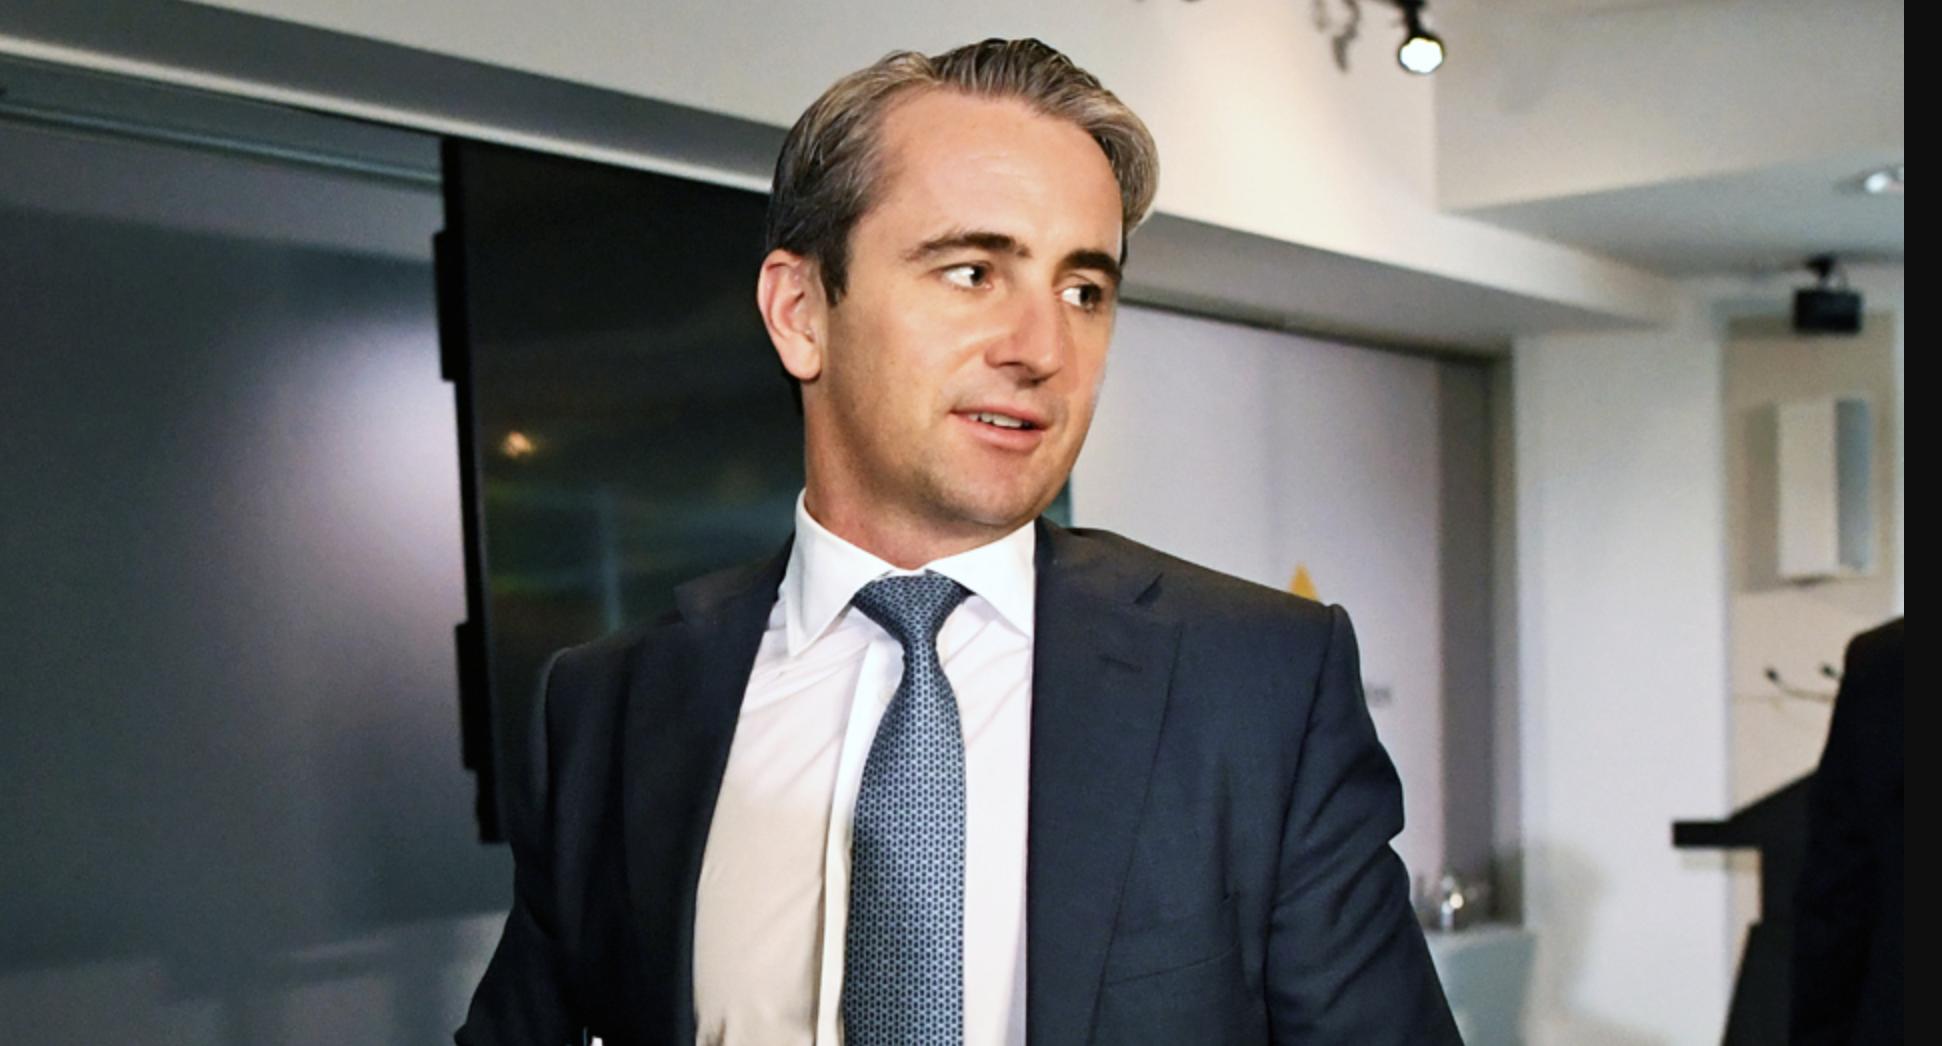 CBA CEO Matt Comyn